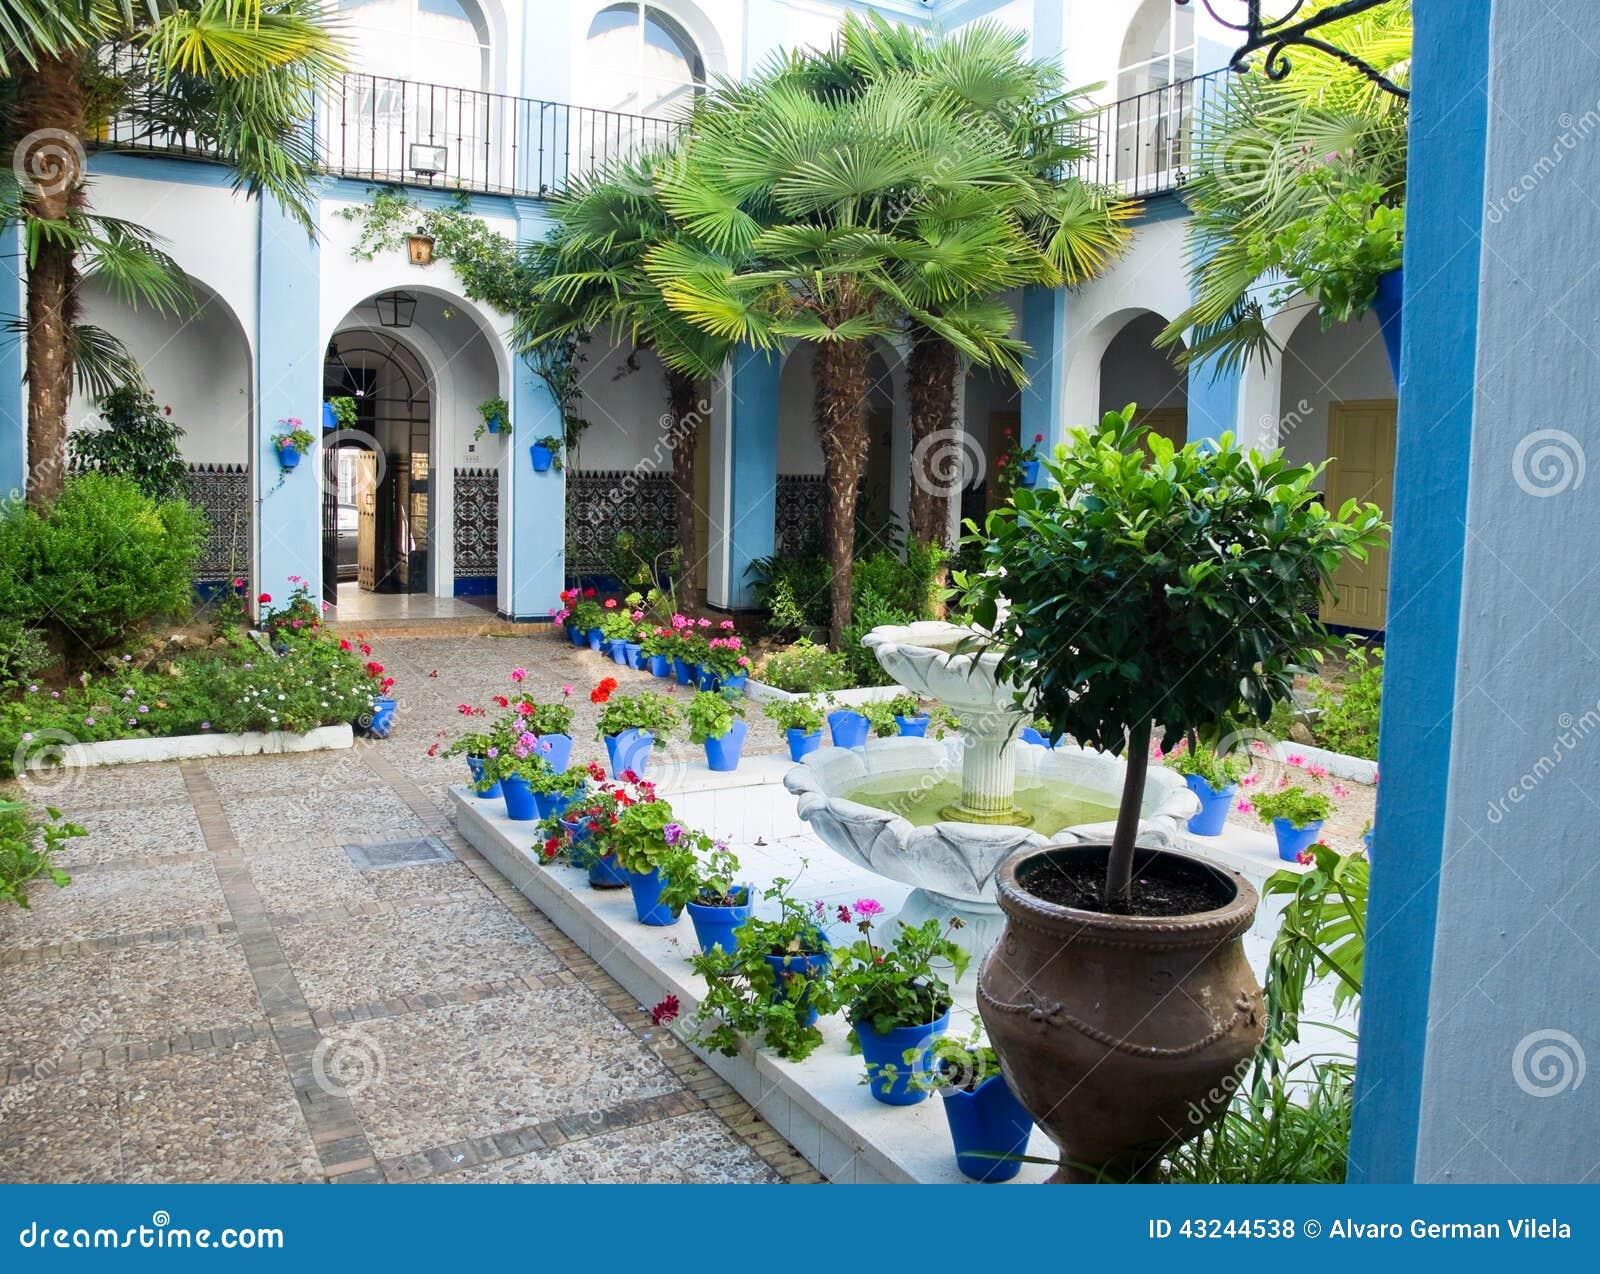 Patio andaluz t pico en c rdoba andaluc a espa a foto de - Fotos patio andaluz ...